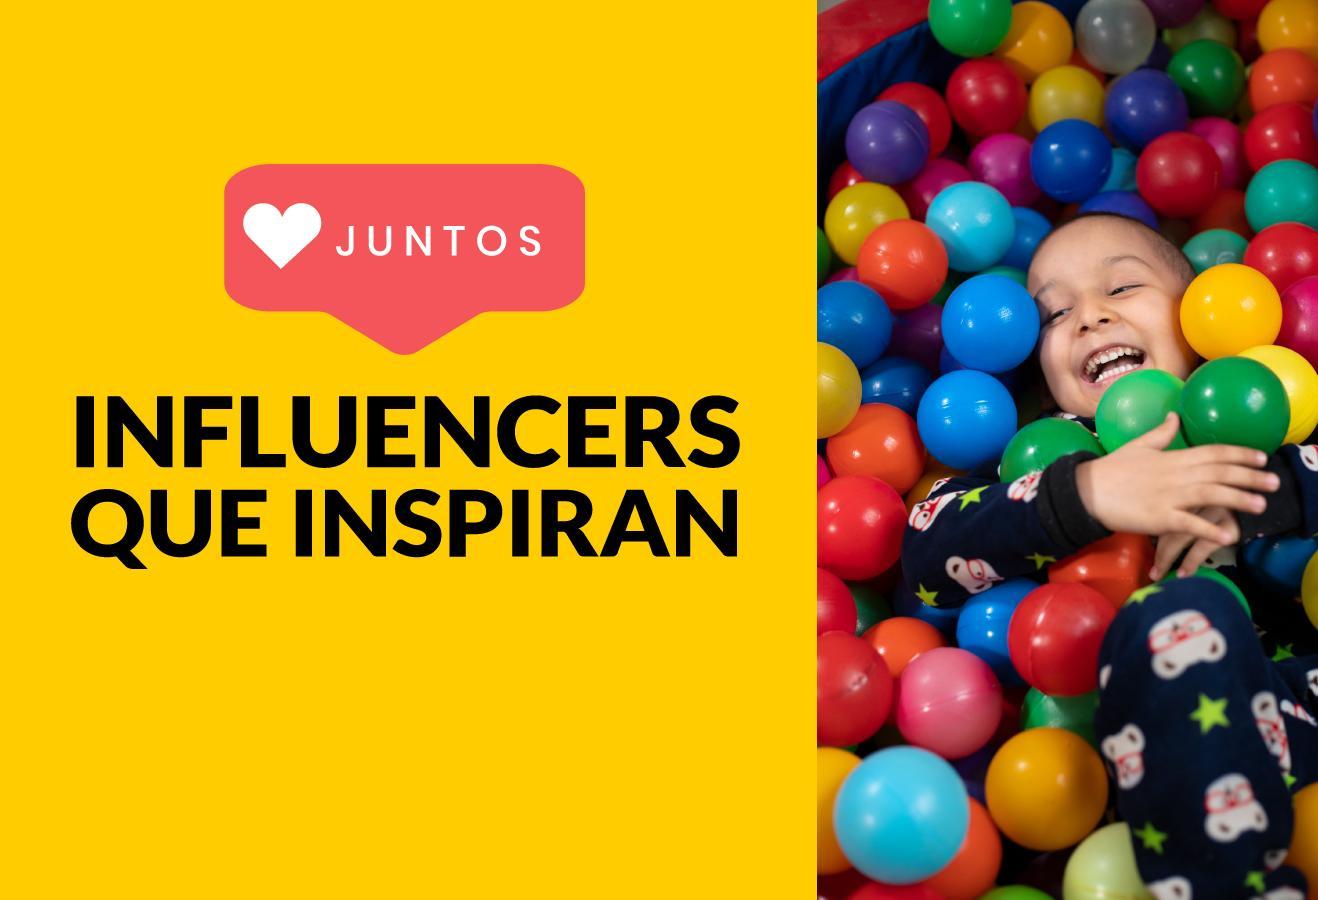 Influencers que inspiran se unen a comunicar las causas nobles de Fundación Providencia.